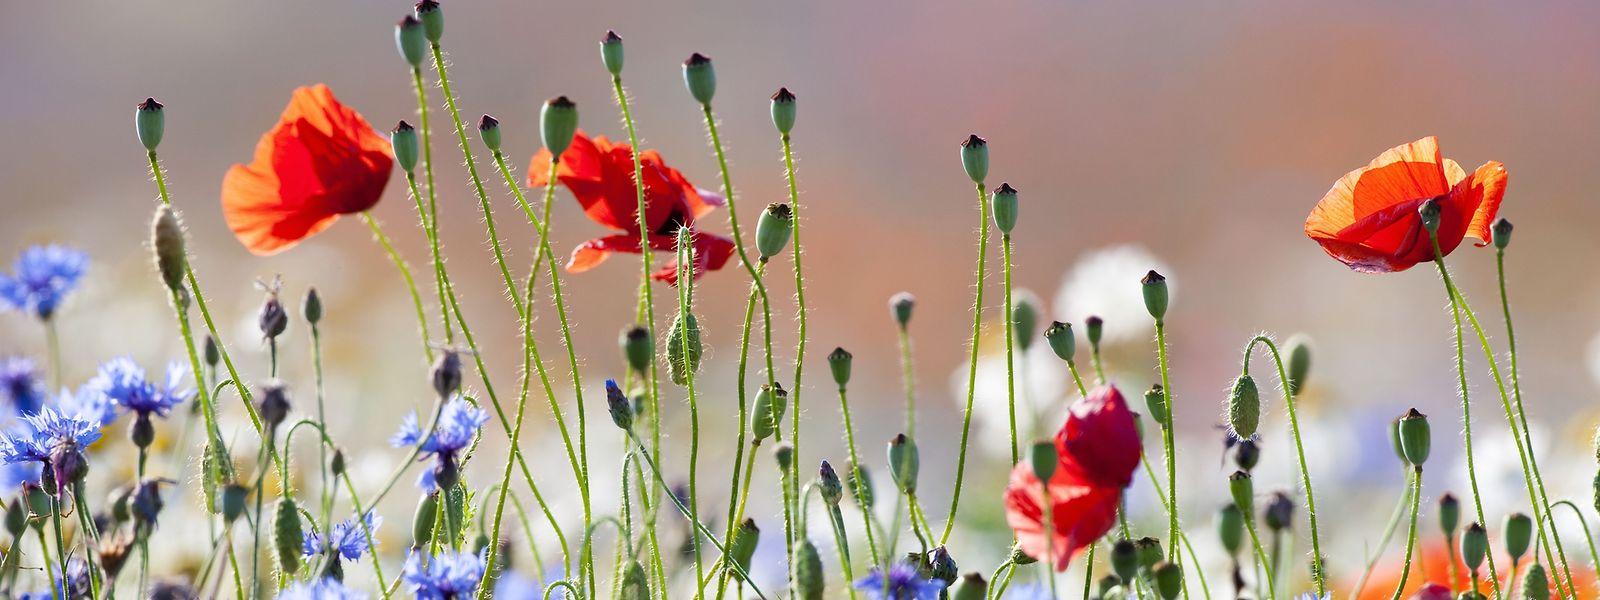 Wildblumenwiesen bestechen mit üppiger Farbenpracht und ziehen Insekten magisch an.